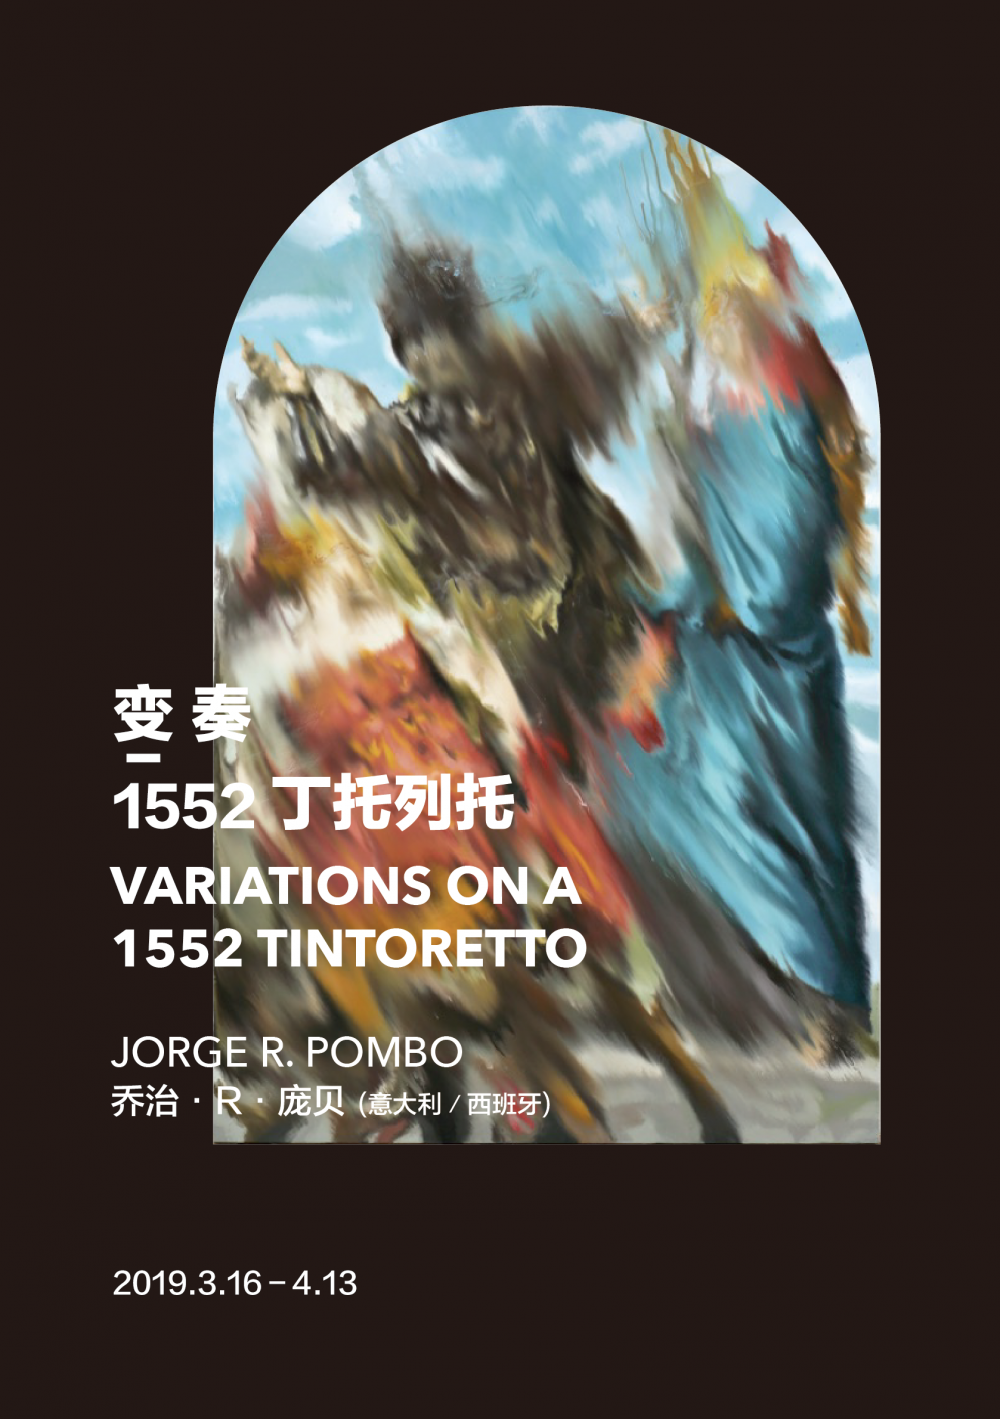 乔治·R·庞贝:变奏 1552丁托列托 Jorge R.Pombo:Variation on a 1552 Tintoretto